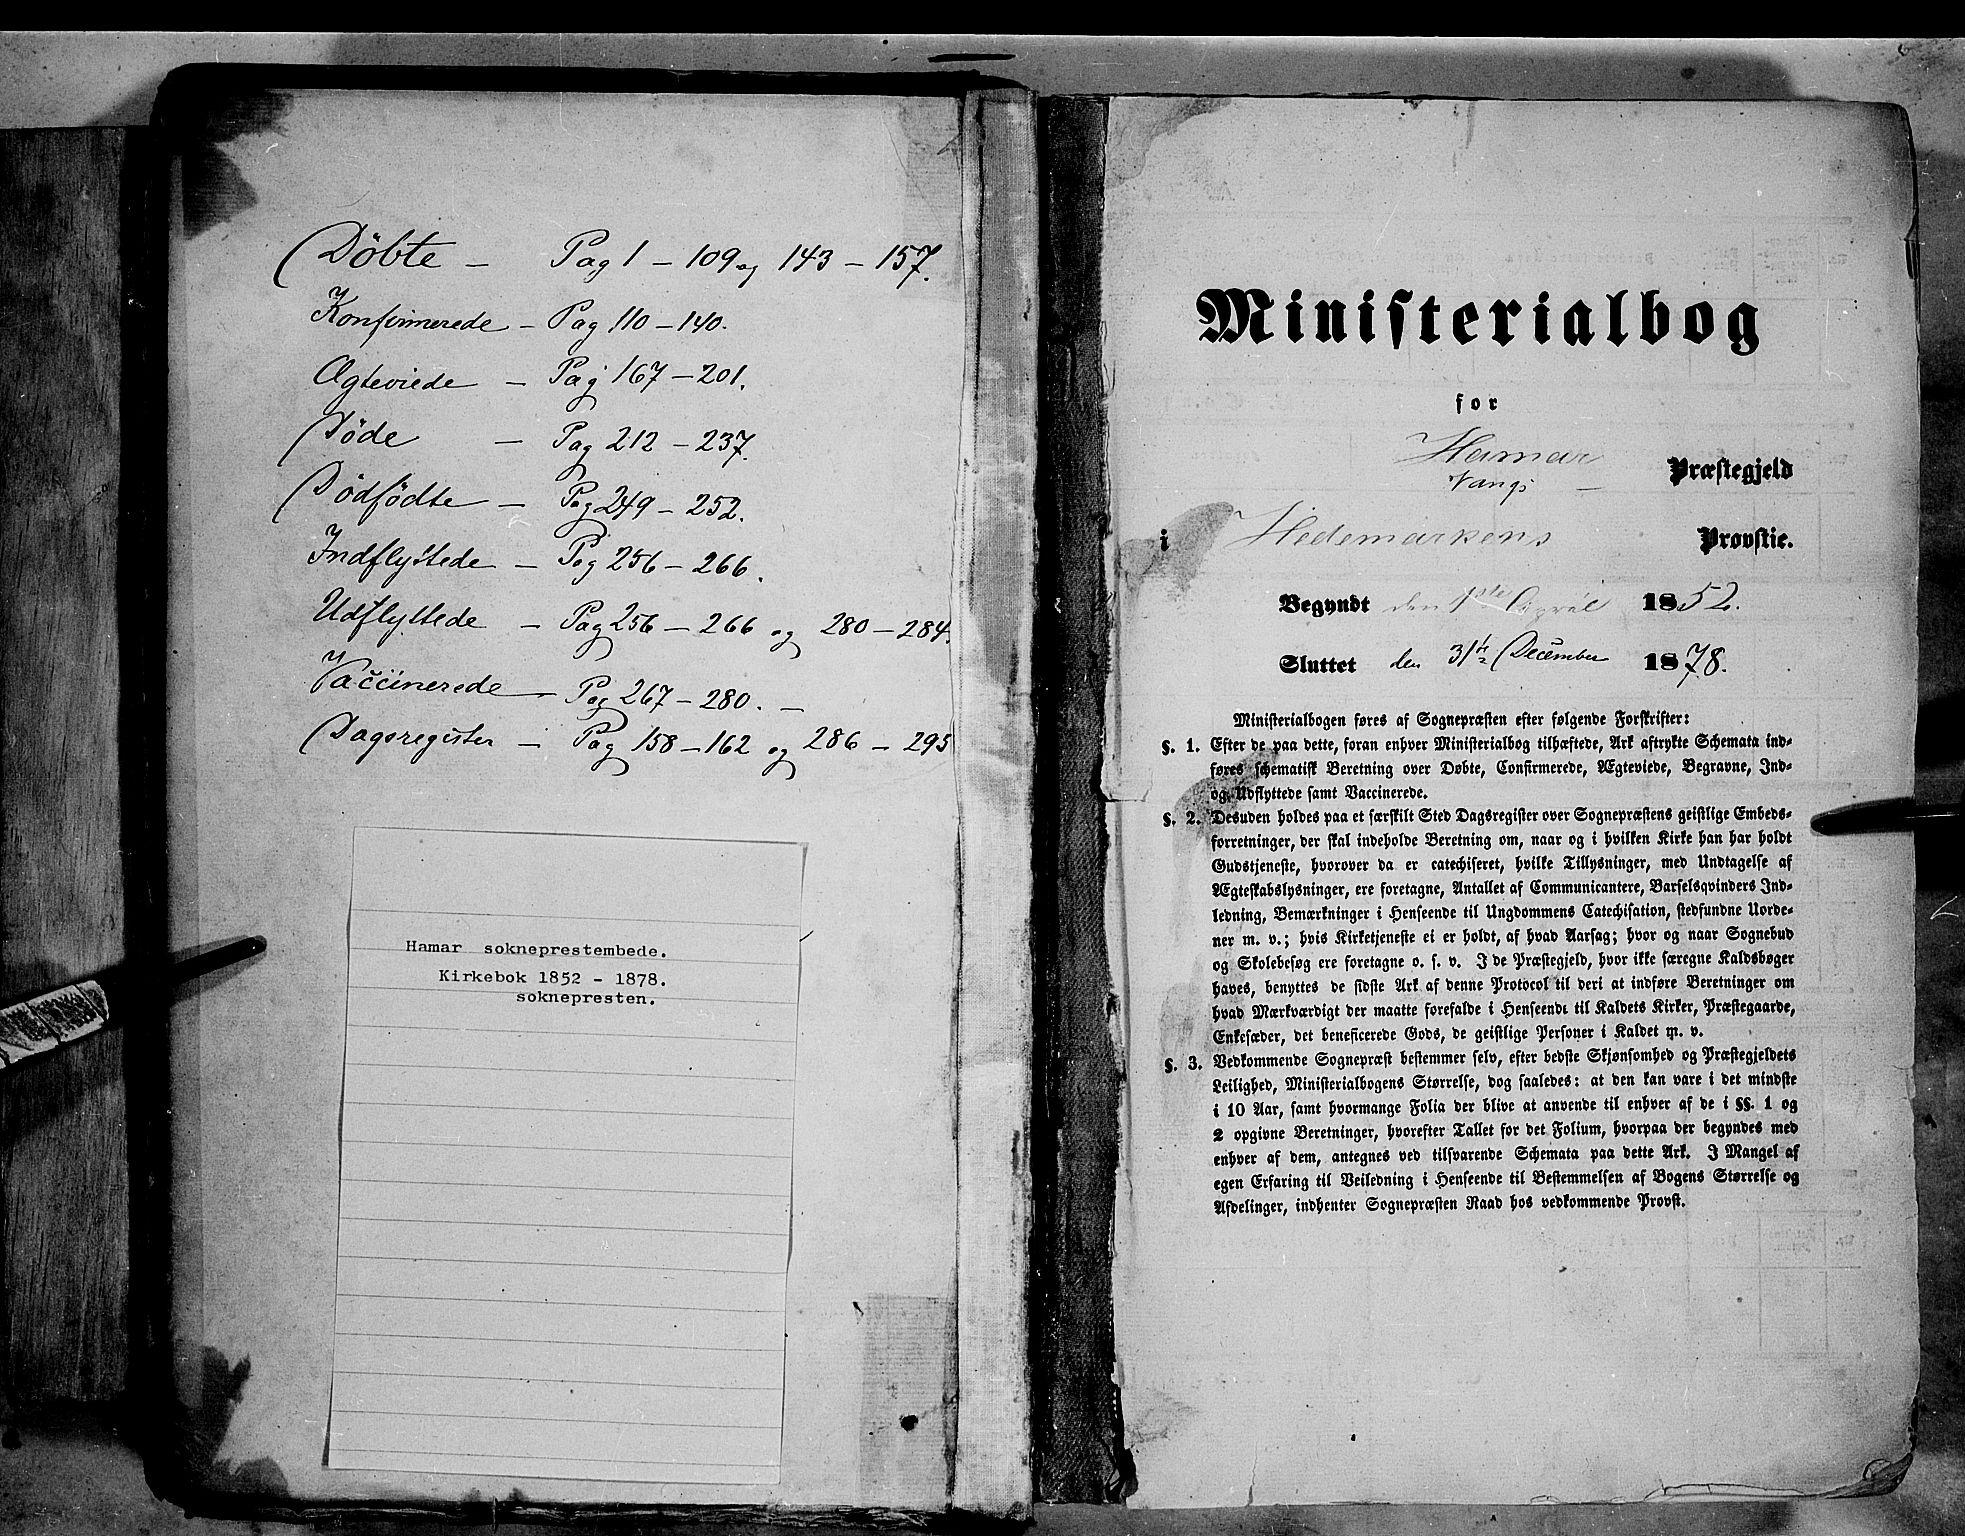 SAH, Vang prestekontor, Hedmark, H/Ha/Haa/L0011: Ministerialbok nr. 11, 1852-1877